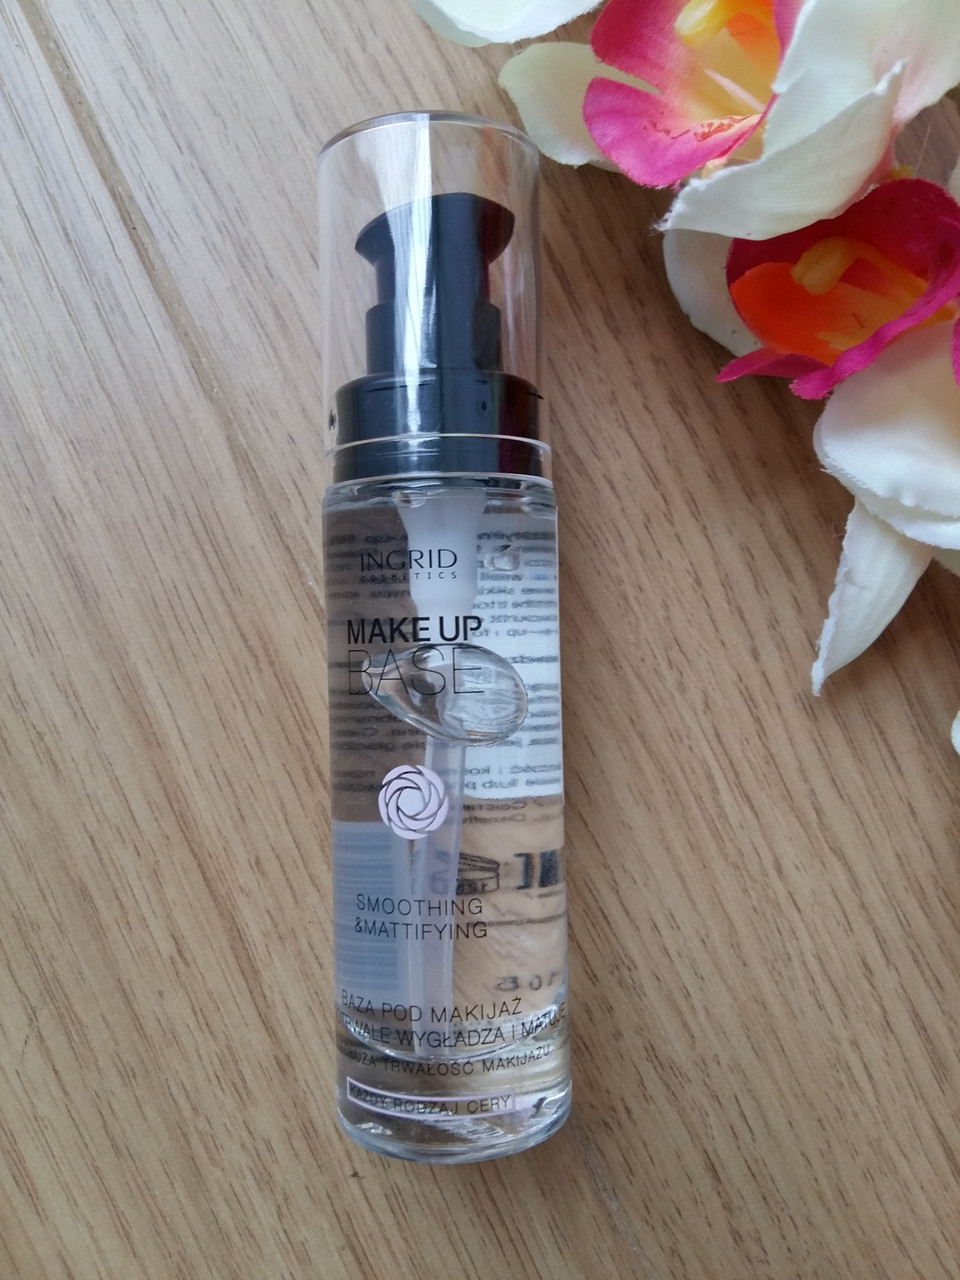 Основа-база под макияж разглаживающая матирующая - Ingrid Cosmetics Smoothing&Mattifying